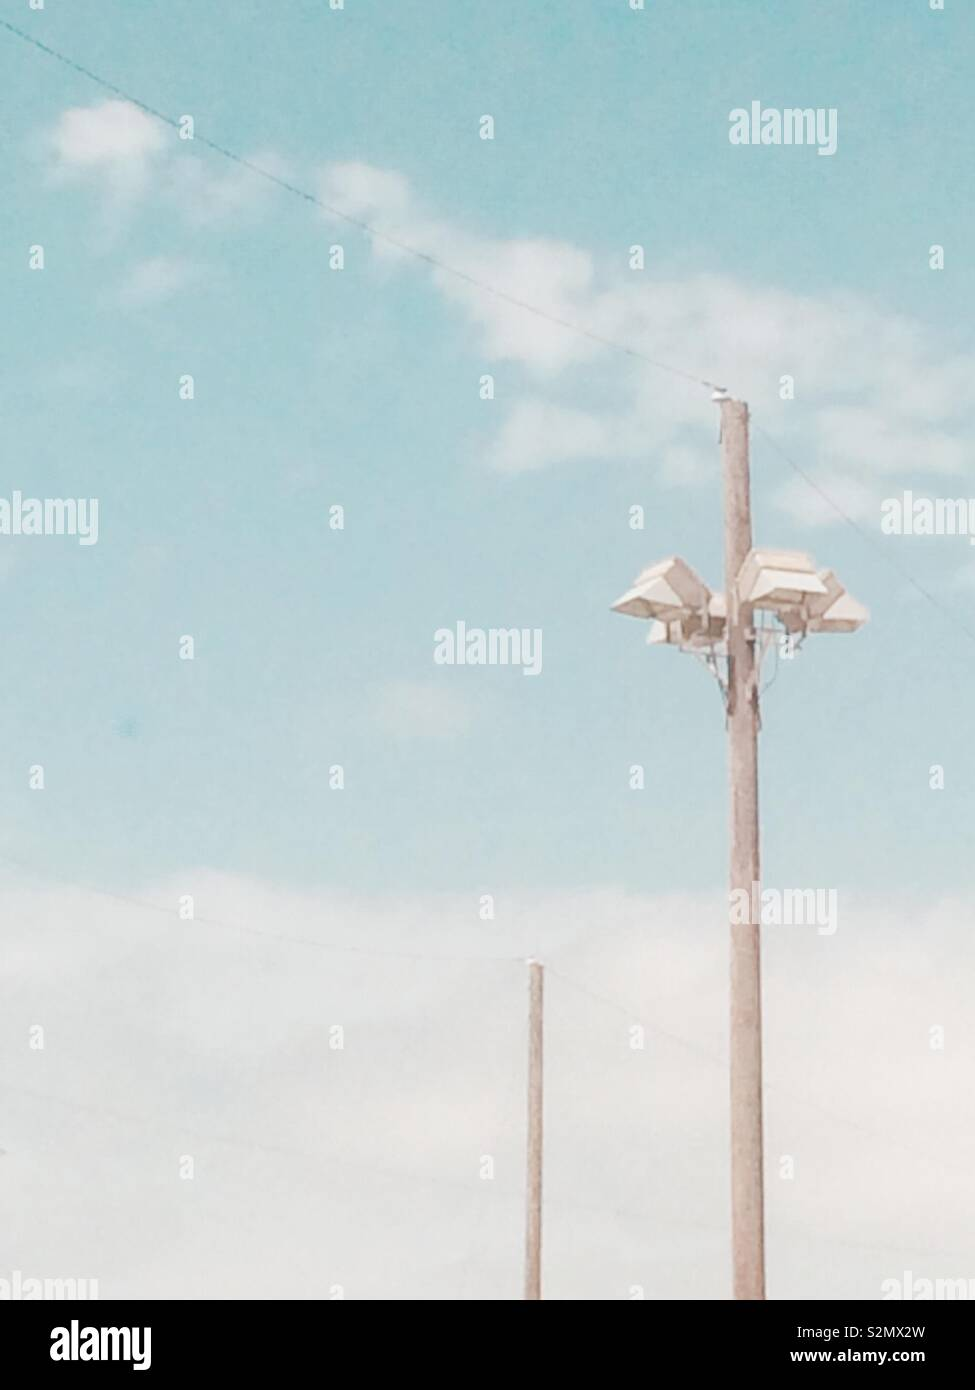 Les poteaux contre le ciel bleu Photo Stock